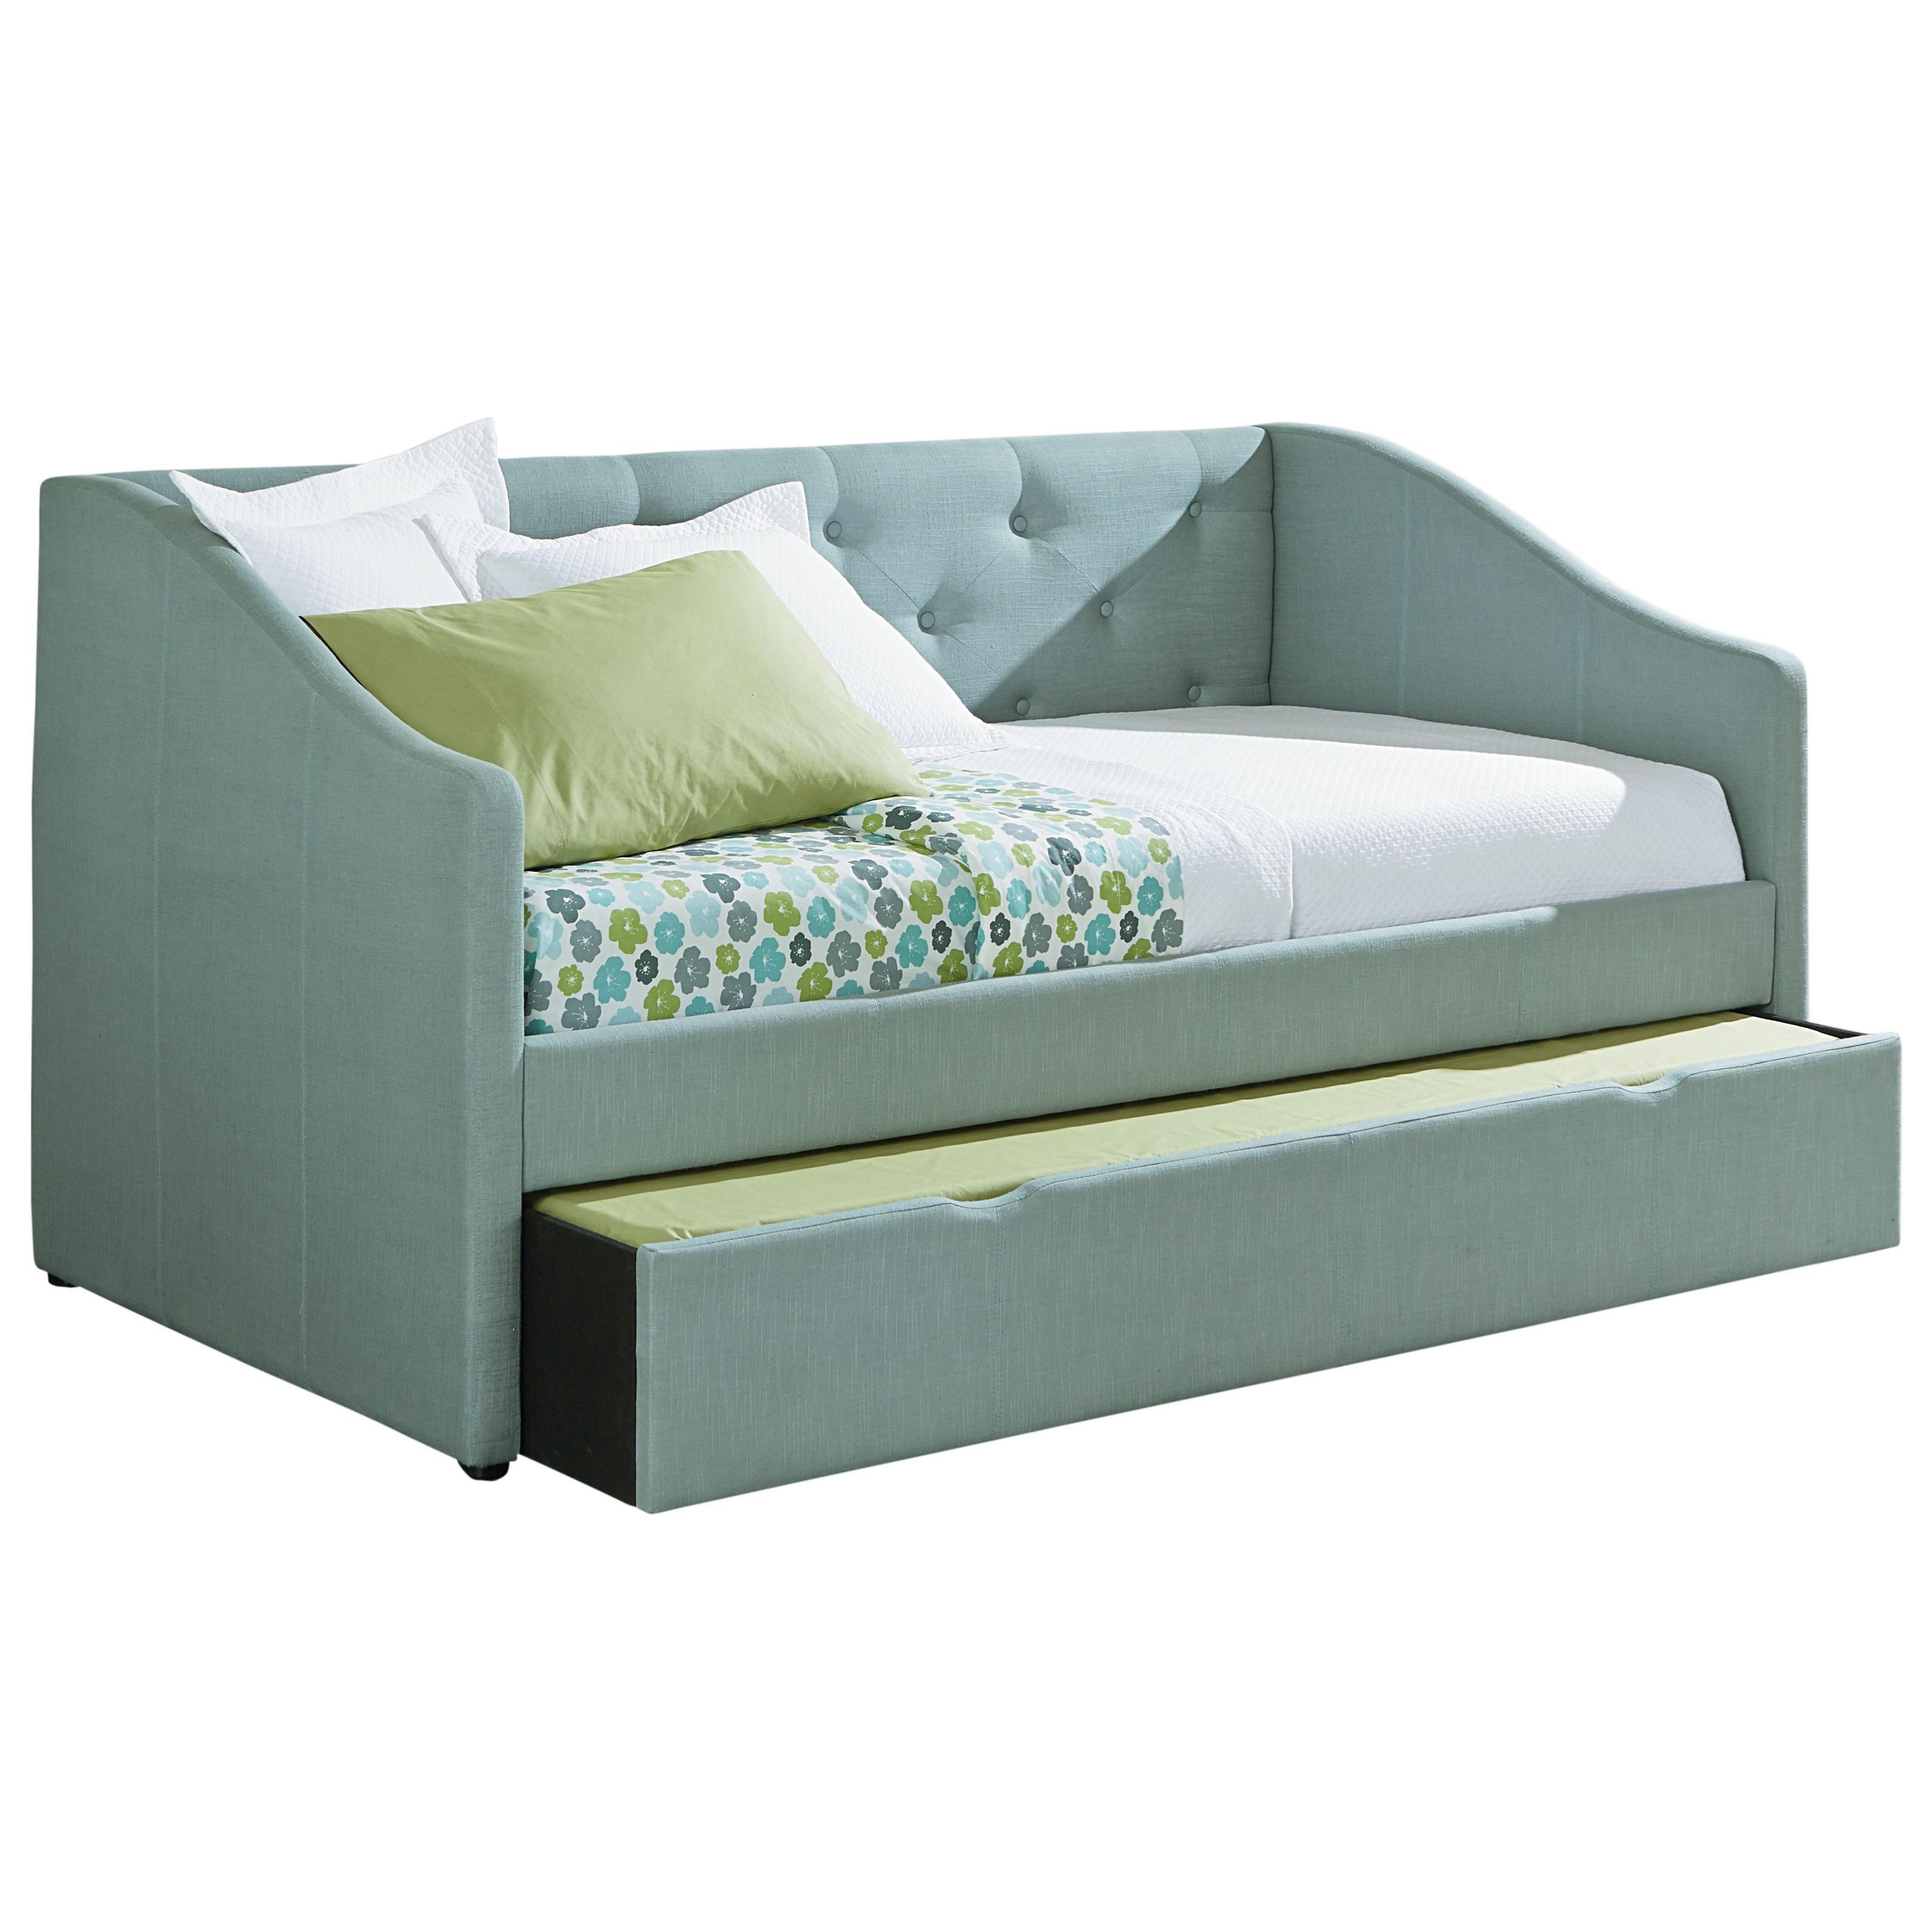 Standard Furniture Carmen Blue Daybed - Item Number: 98651+98652